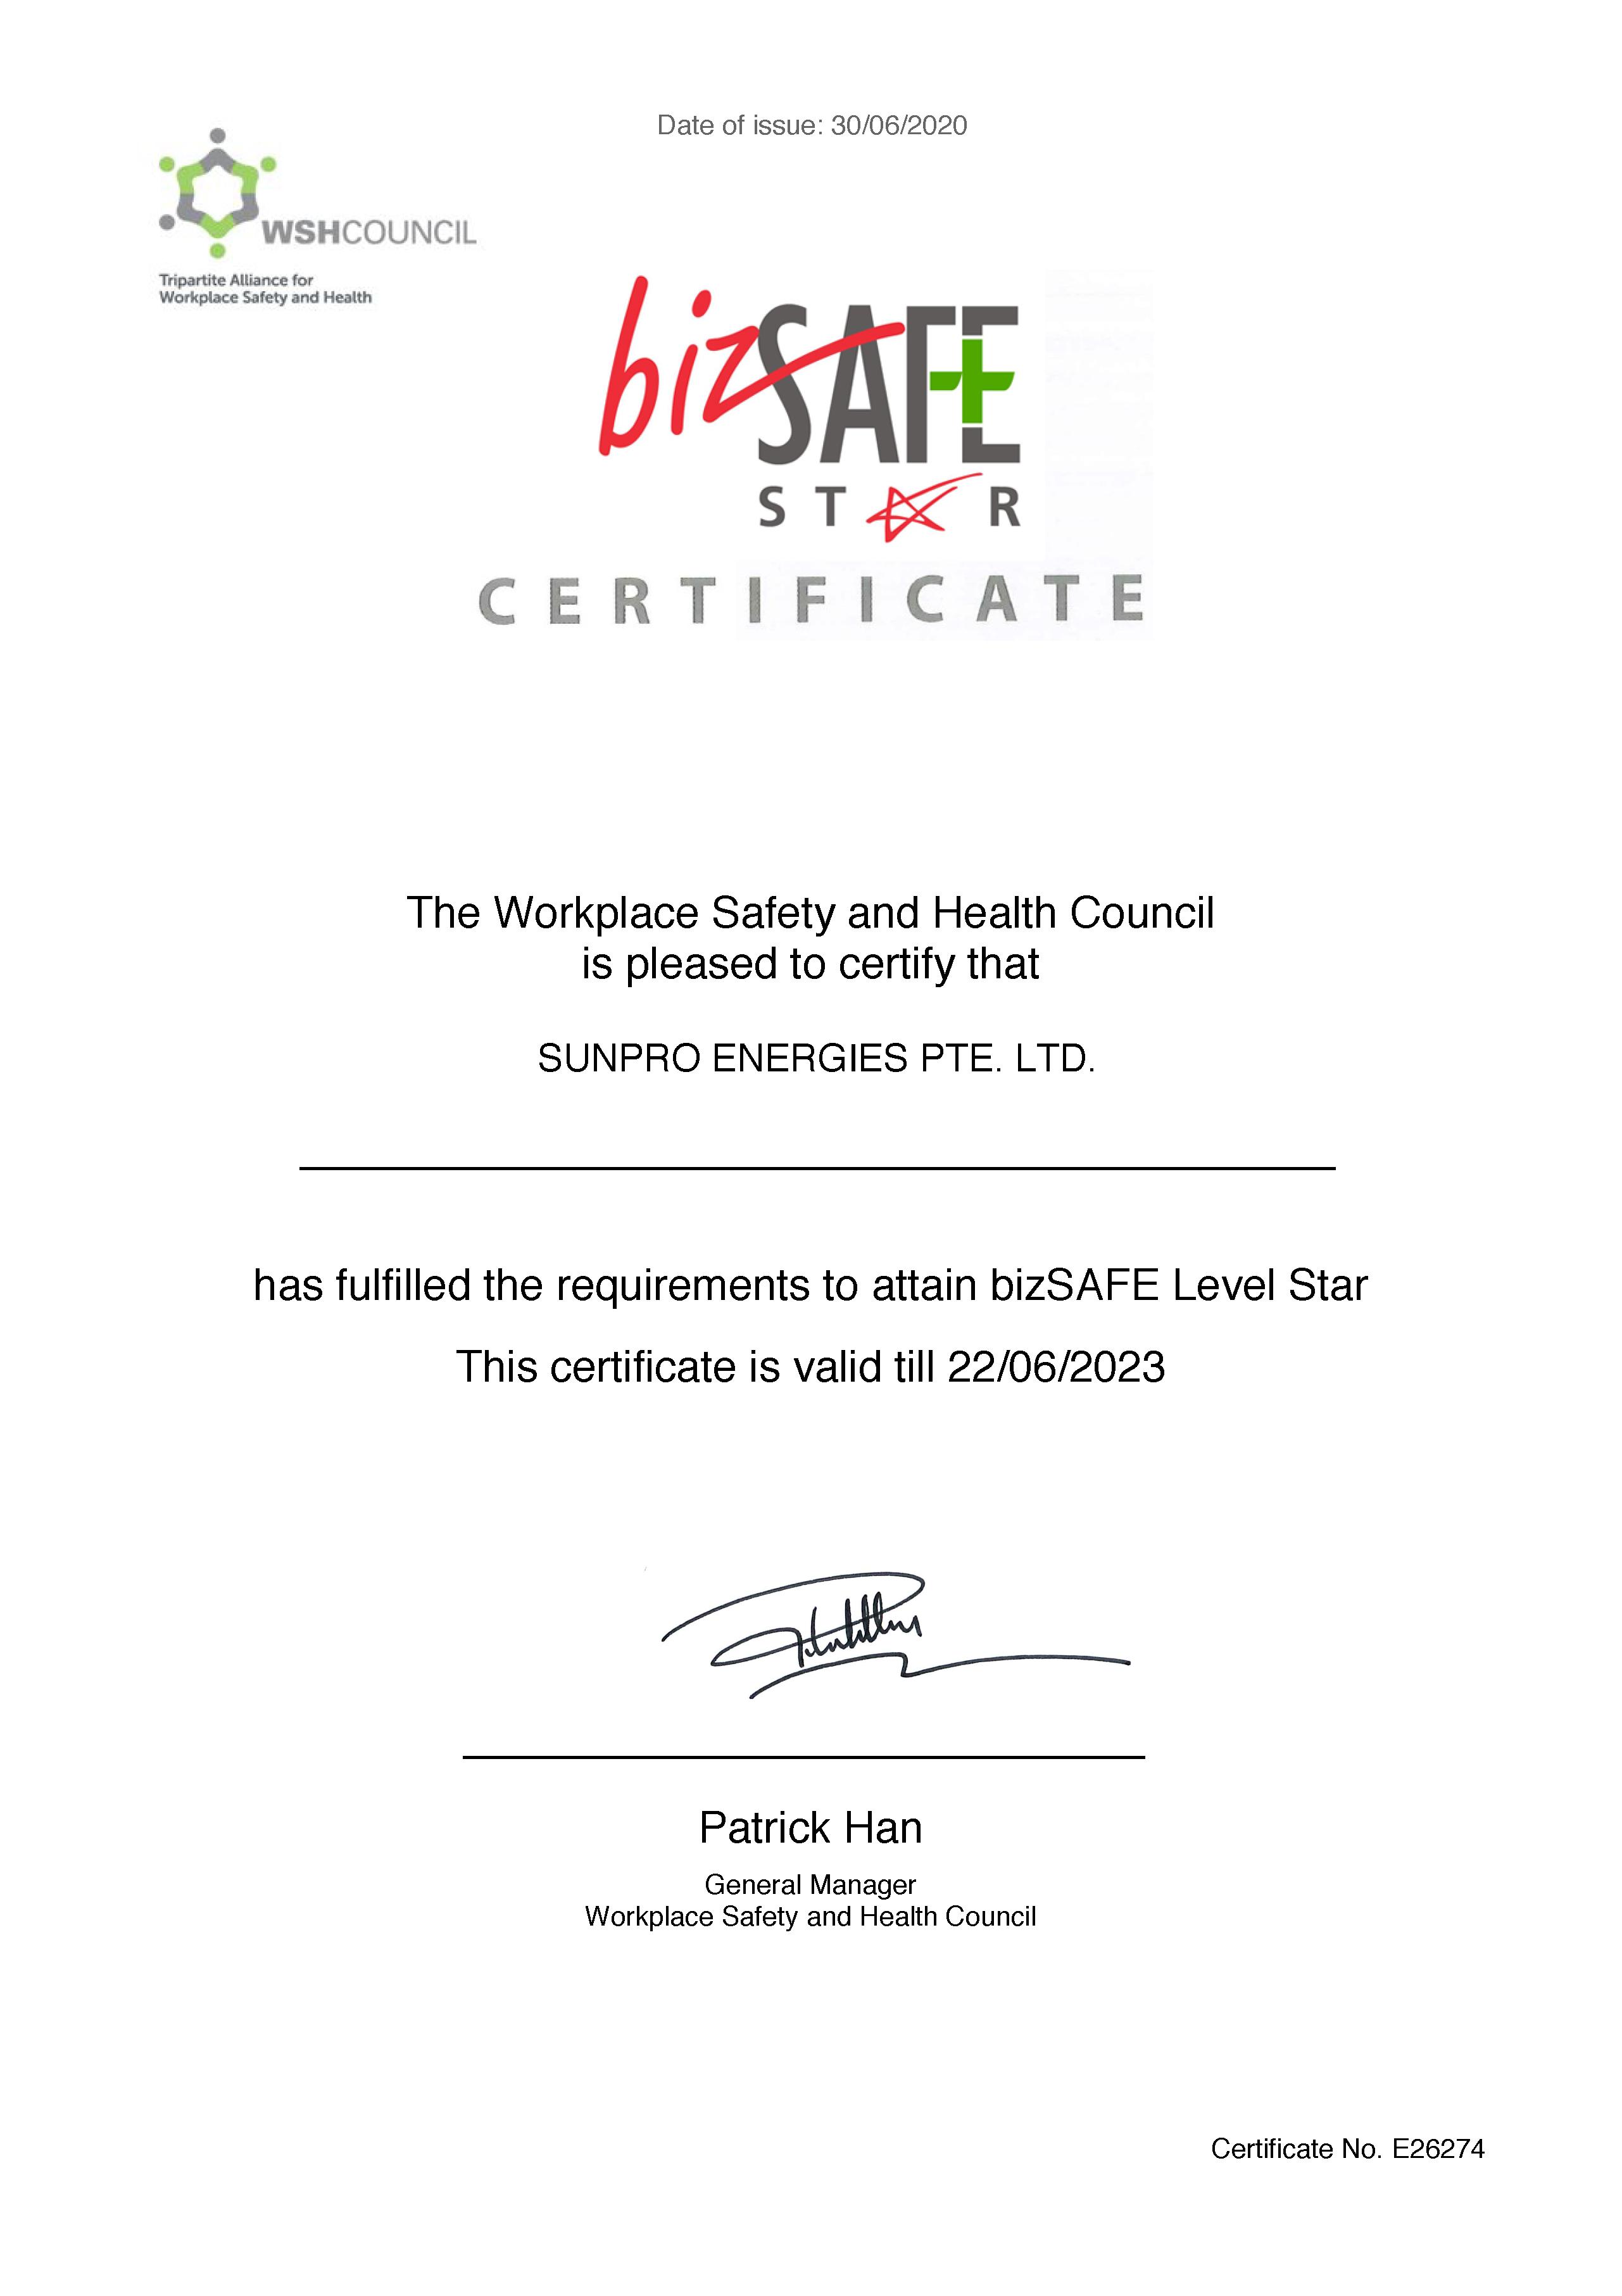 Bizsafe Certification - SunPro Energies